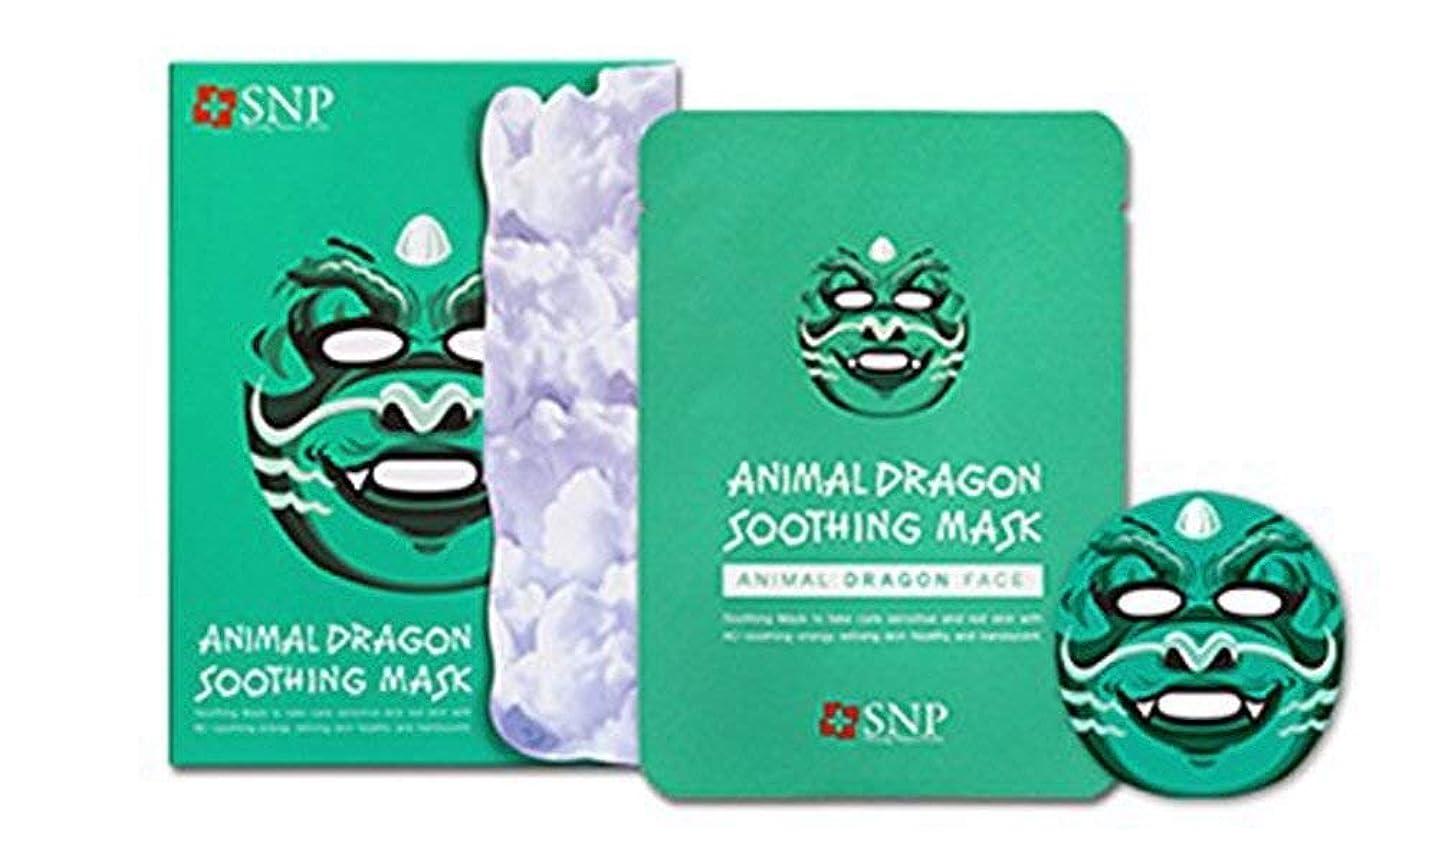 ノベルティコードポンプSNP アニマル ドラゴン スーディングリンマスク10枚 / animal dargon soothing mask 10ea[海外直送品]